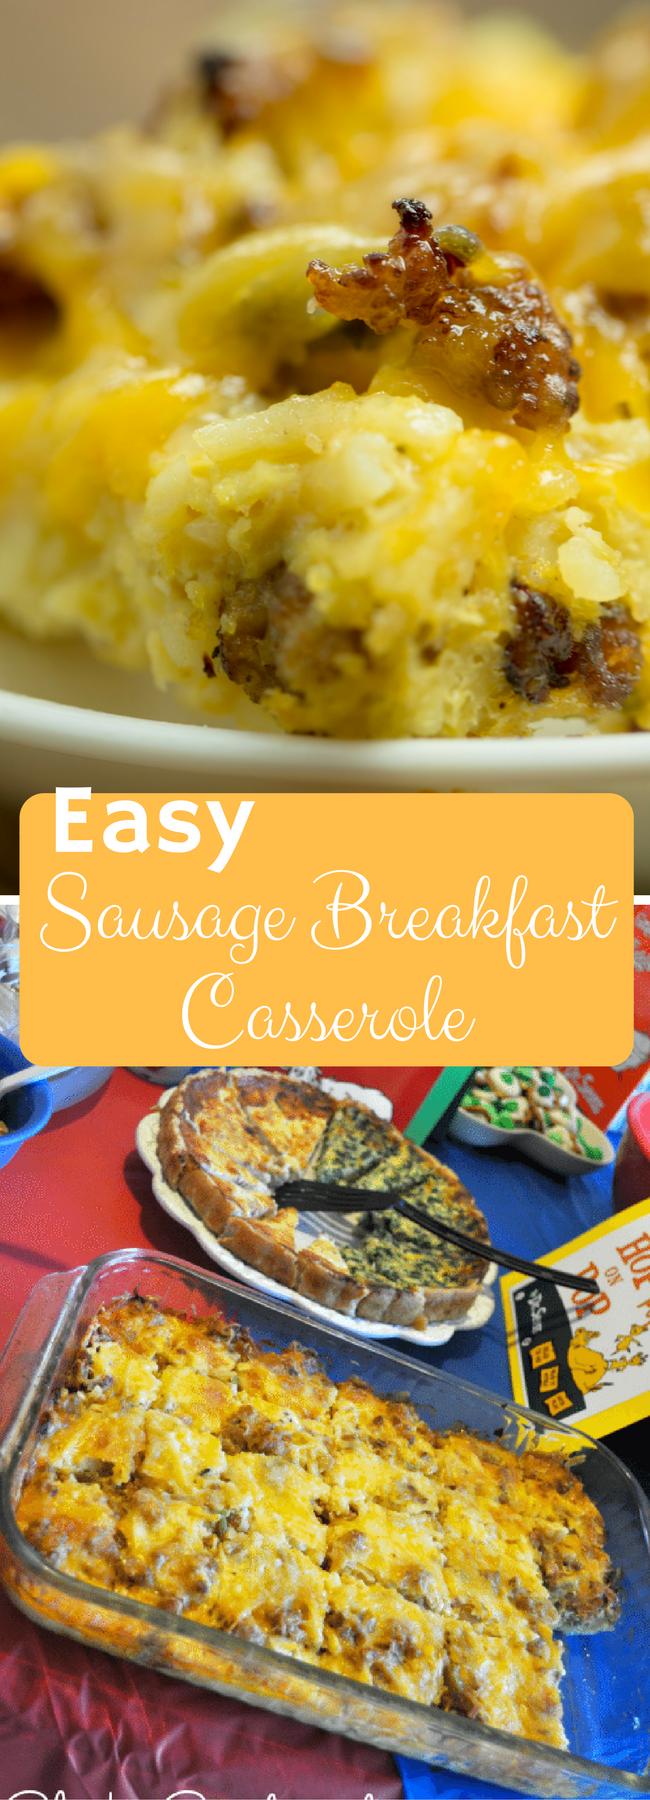 breakfast casserole / breakfast casserole recipes / breakfast casserole with hashbrowns /breakfast casserole sausage / make ahead breakfast casserole